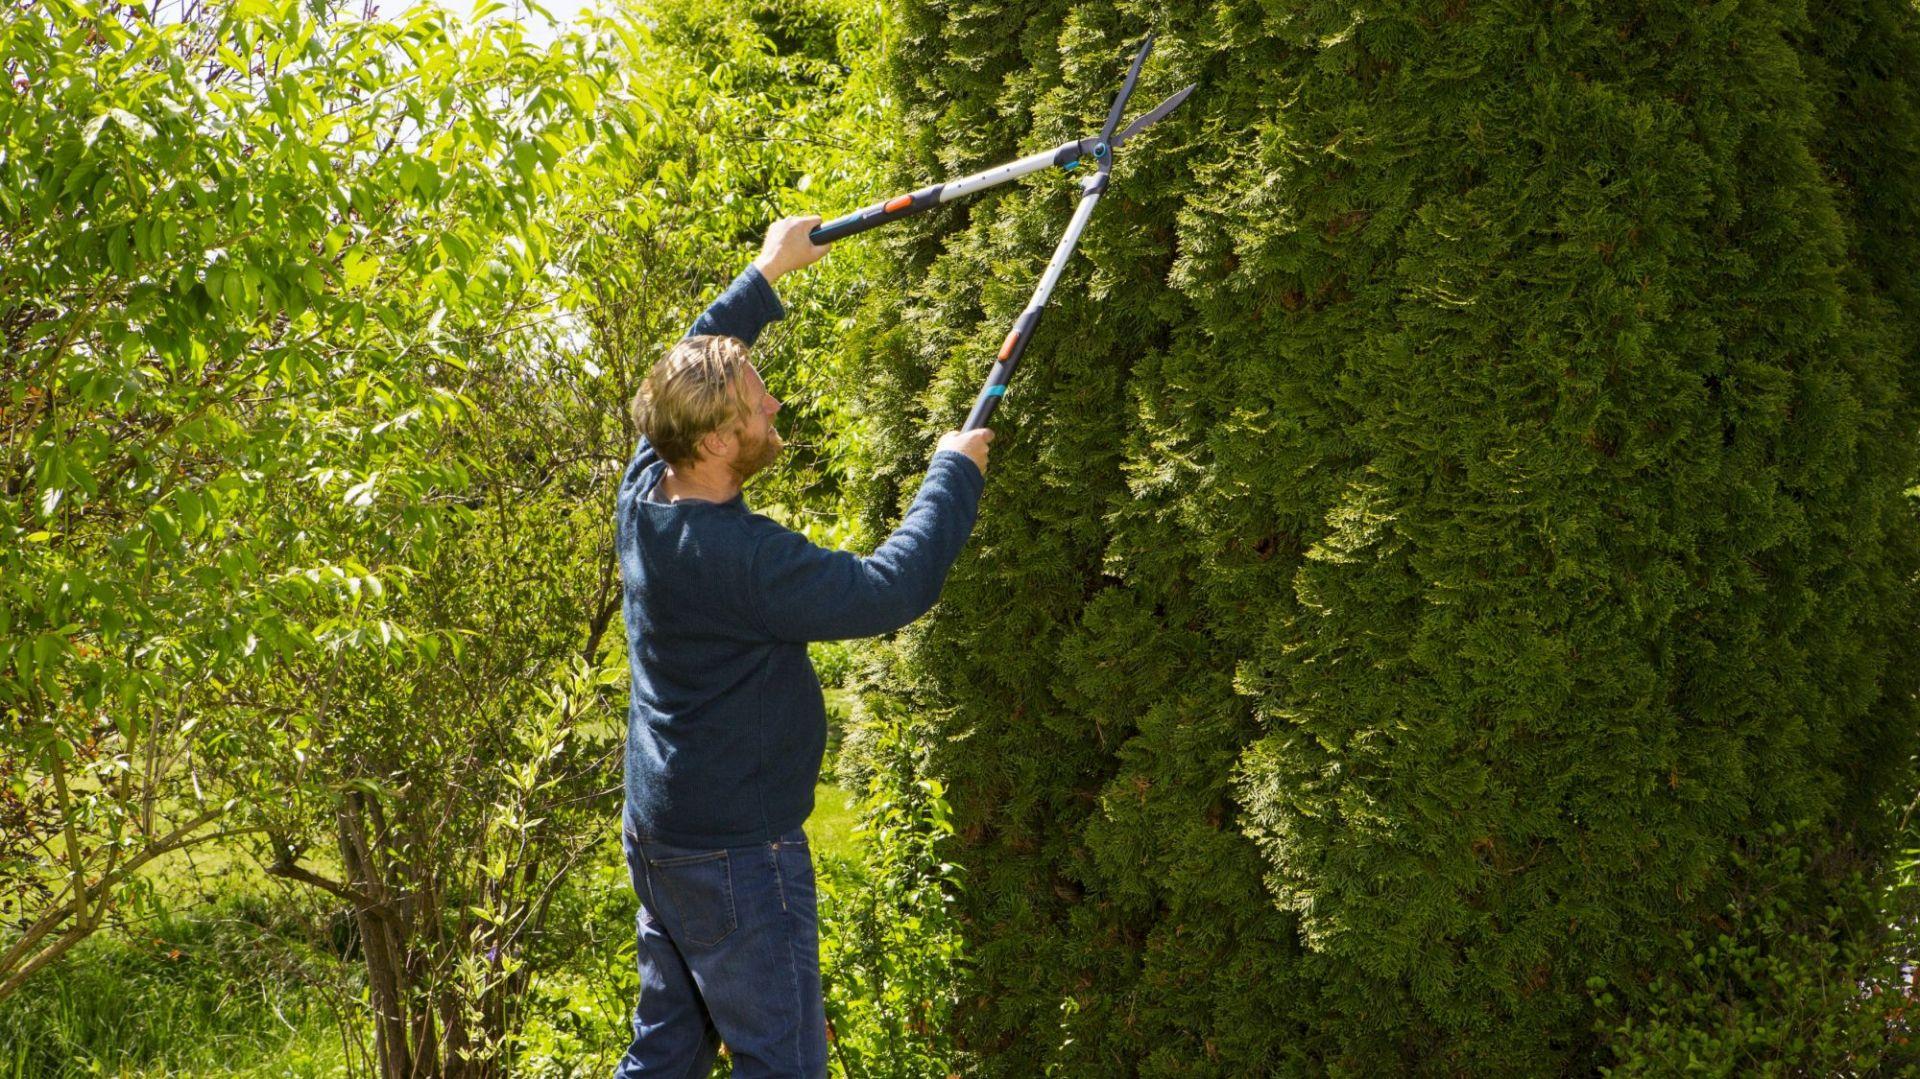 Wiosenne porządki w ogrodzie: nożyce do żywopłotu TeleCut. Fot. Gardena